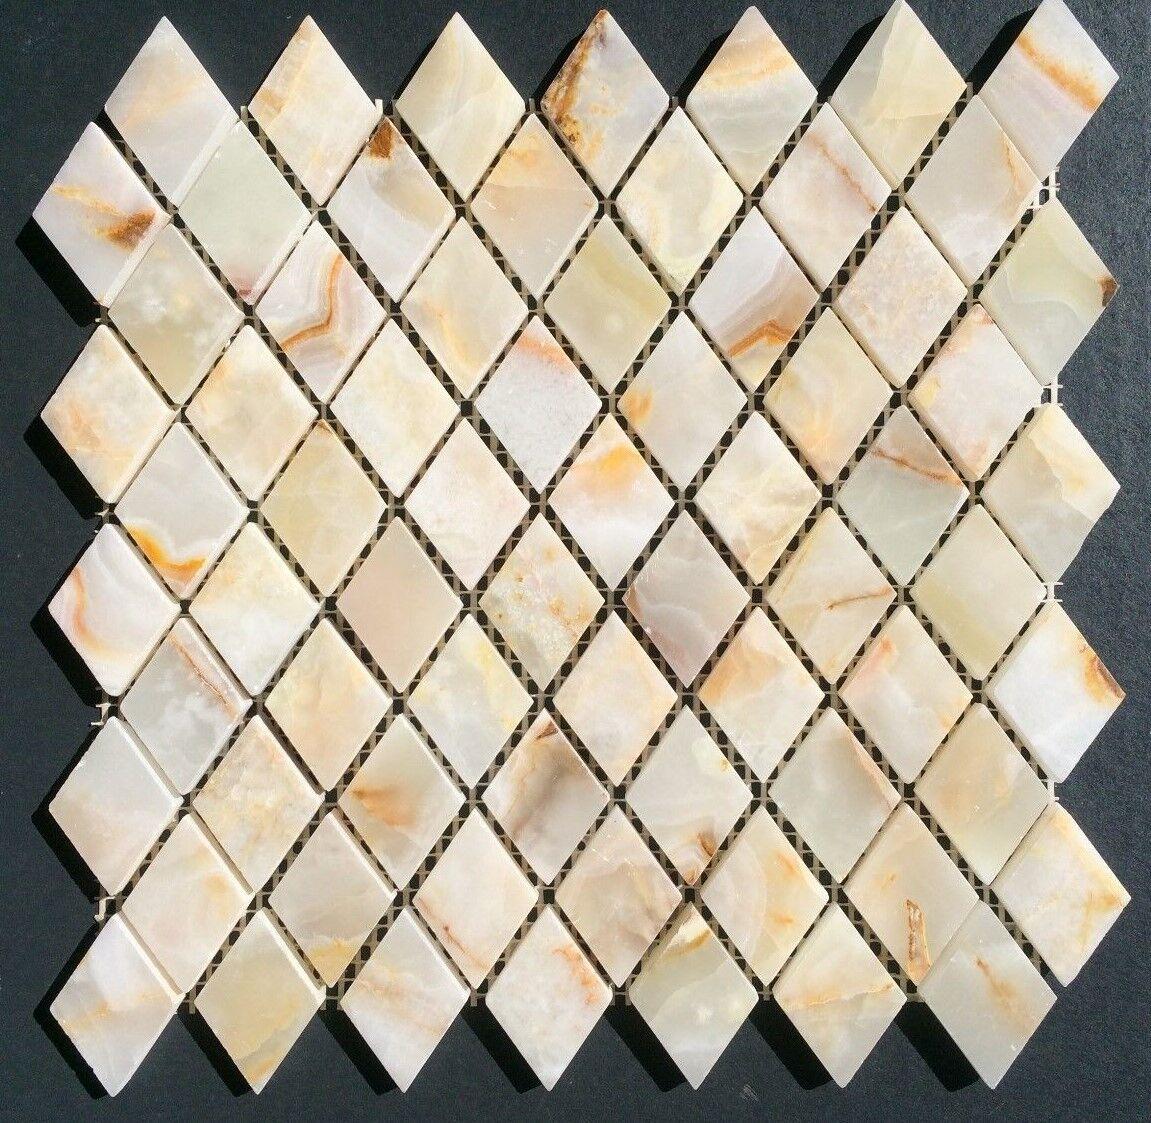 Weiß Onyx DIAMOND Polished Mosaics Meshed on 12 X 12 Tiles